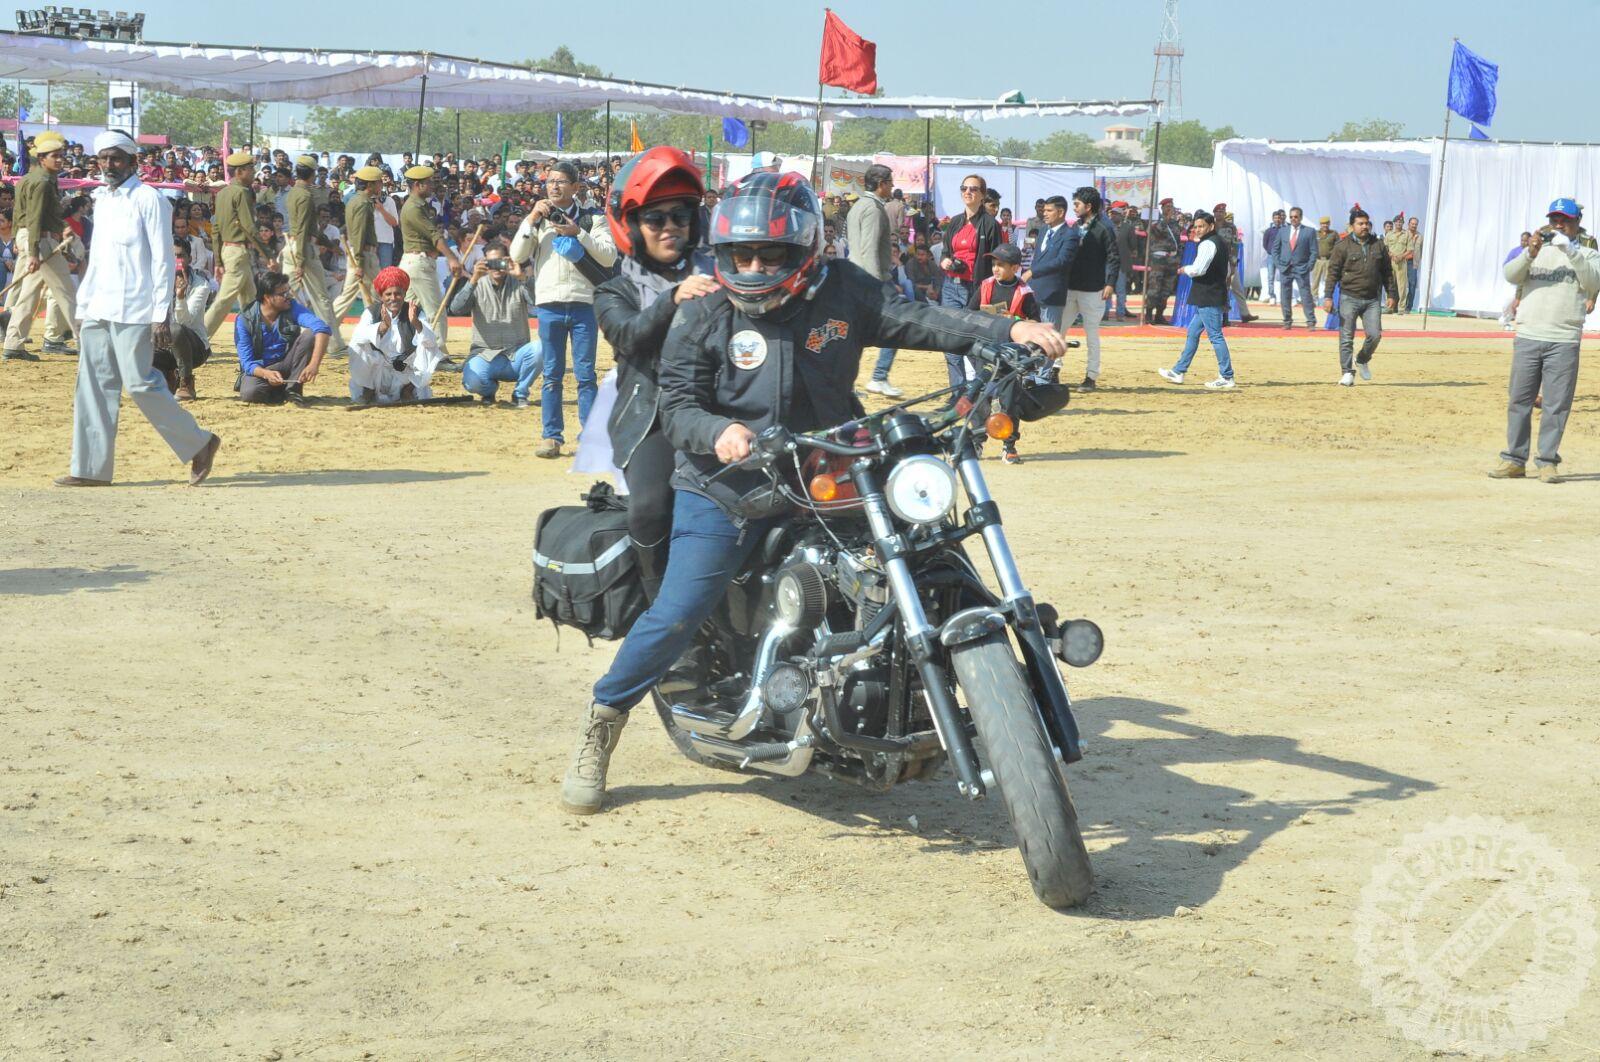 Camel Festival 2016 began in Bikaner